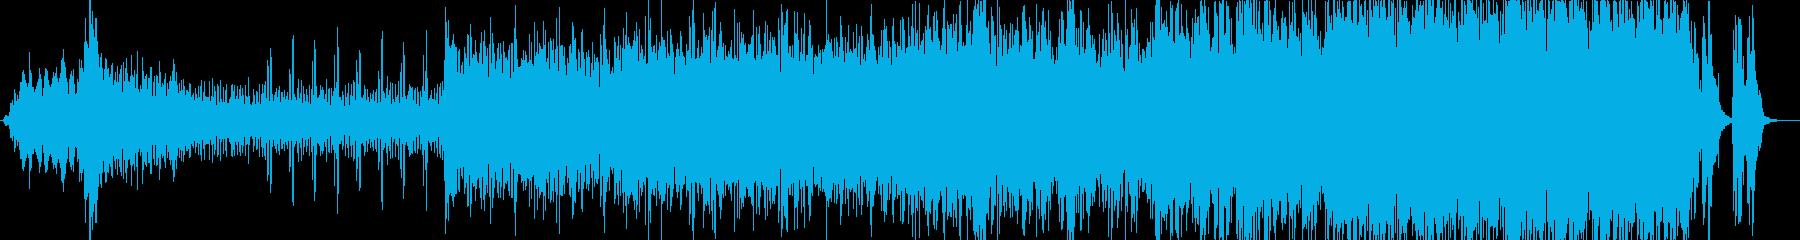 映画音楽、シネマティック映像向け-11の再生済みの波形